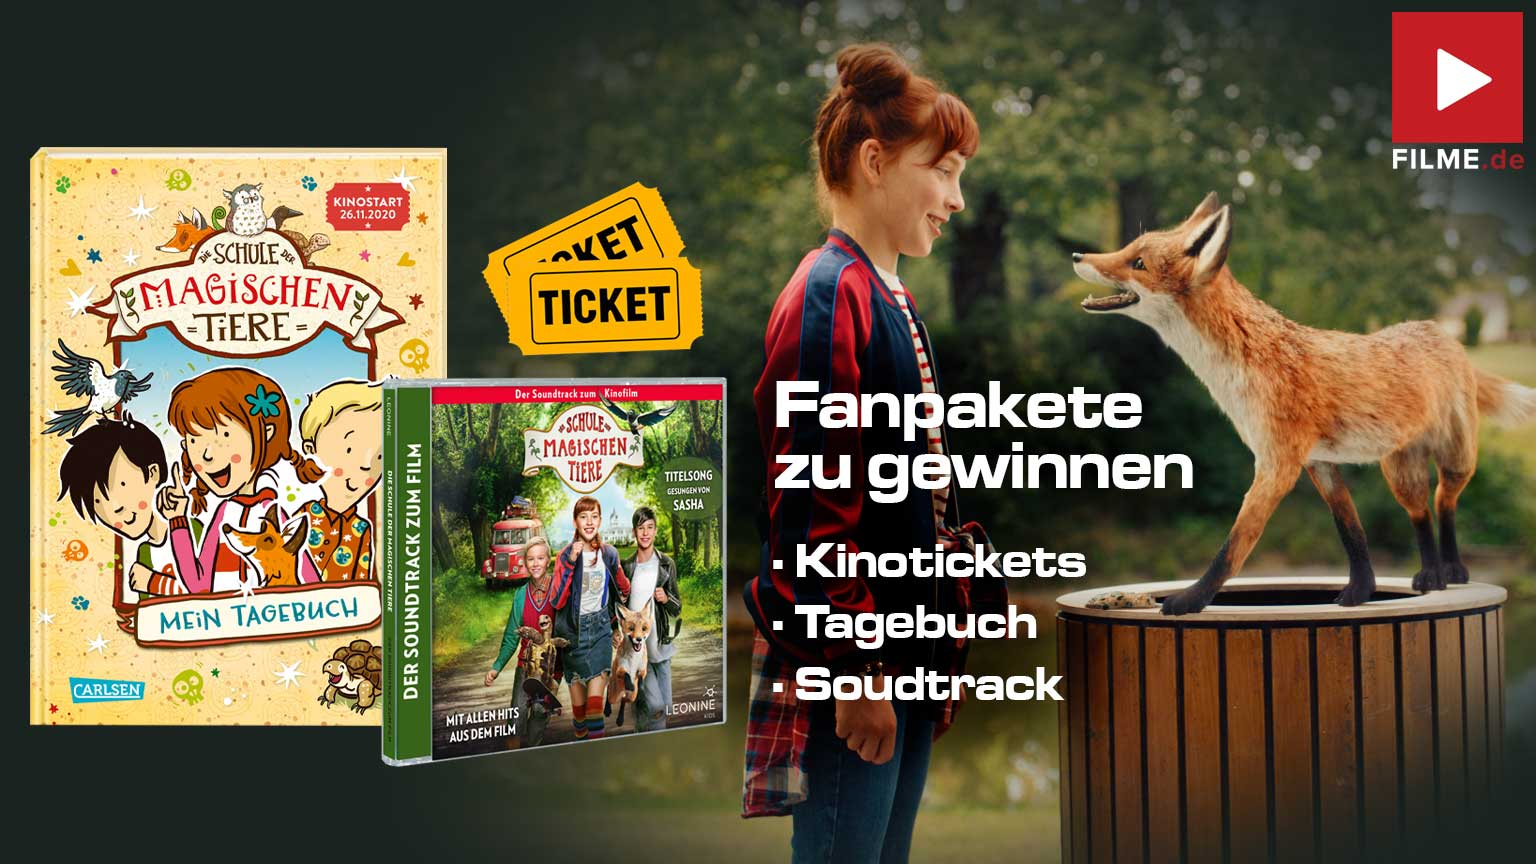 Die Schule der magischen Tiere Gewinnspiel gewinnen Fanpaket Tagebuch Soundtrack Kinotickets Artikelbild